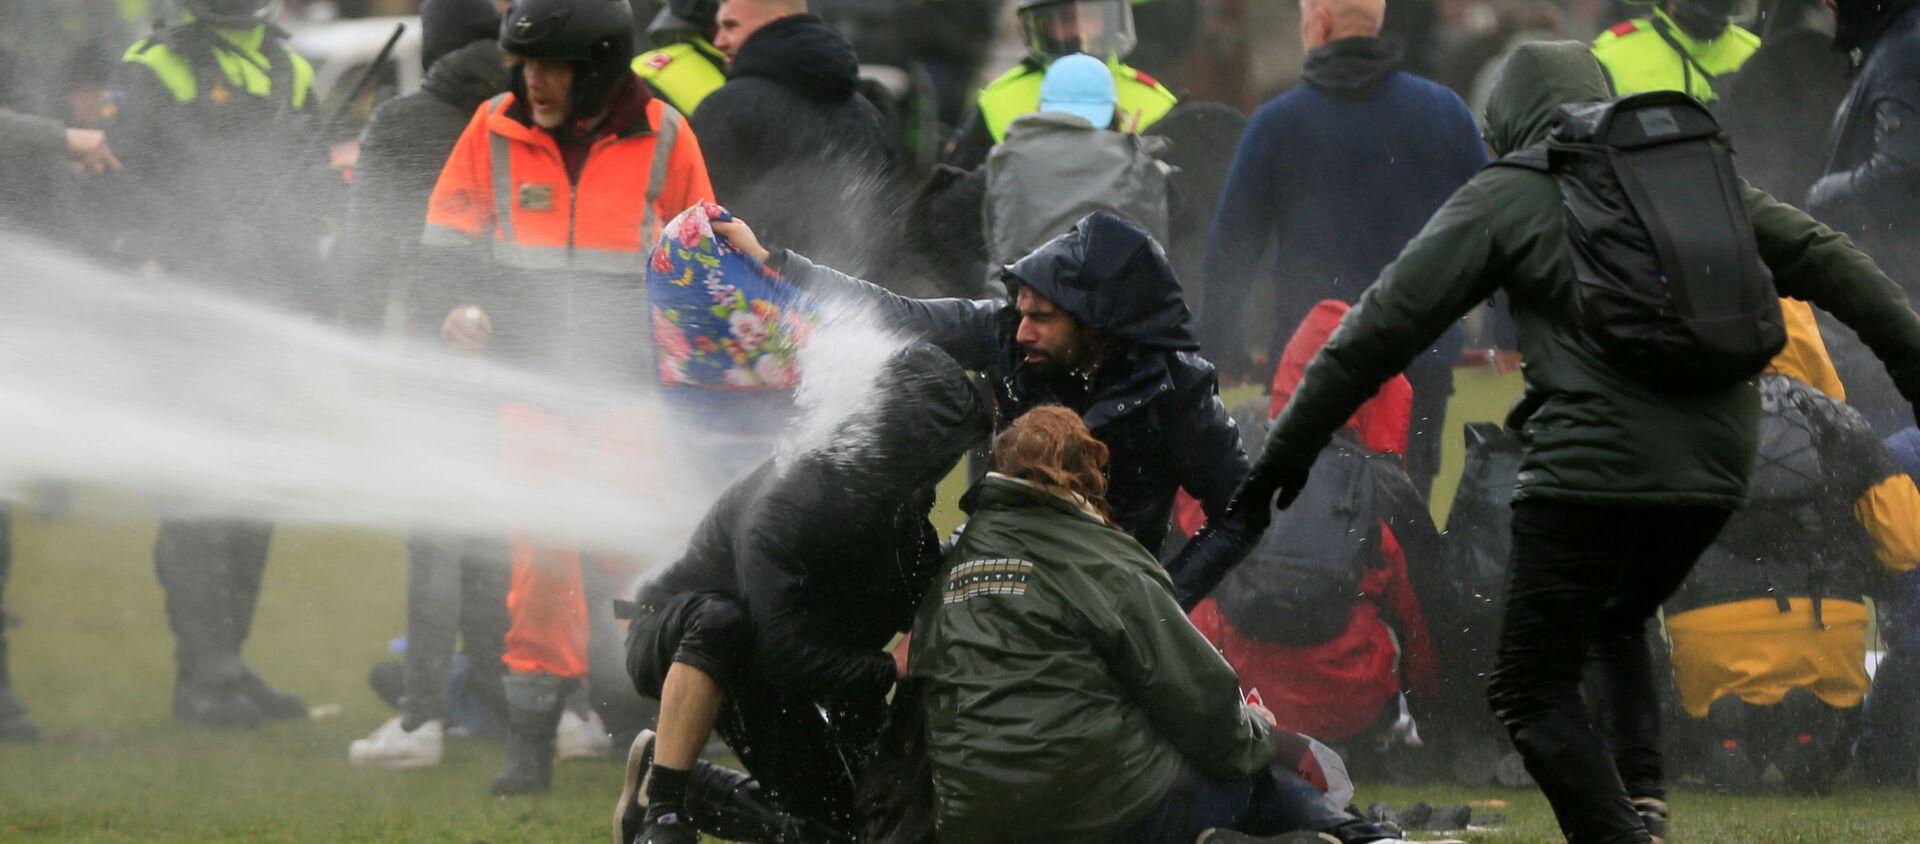 Protesty w Holandii - Sputnik Polska, 1920, 28.01.2021